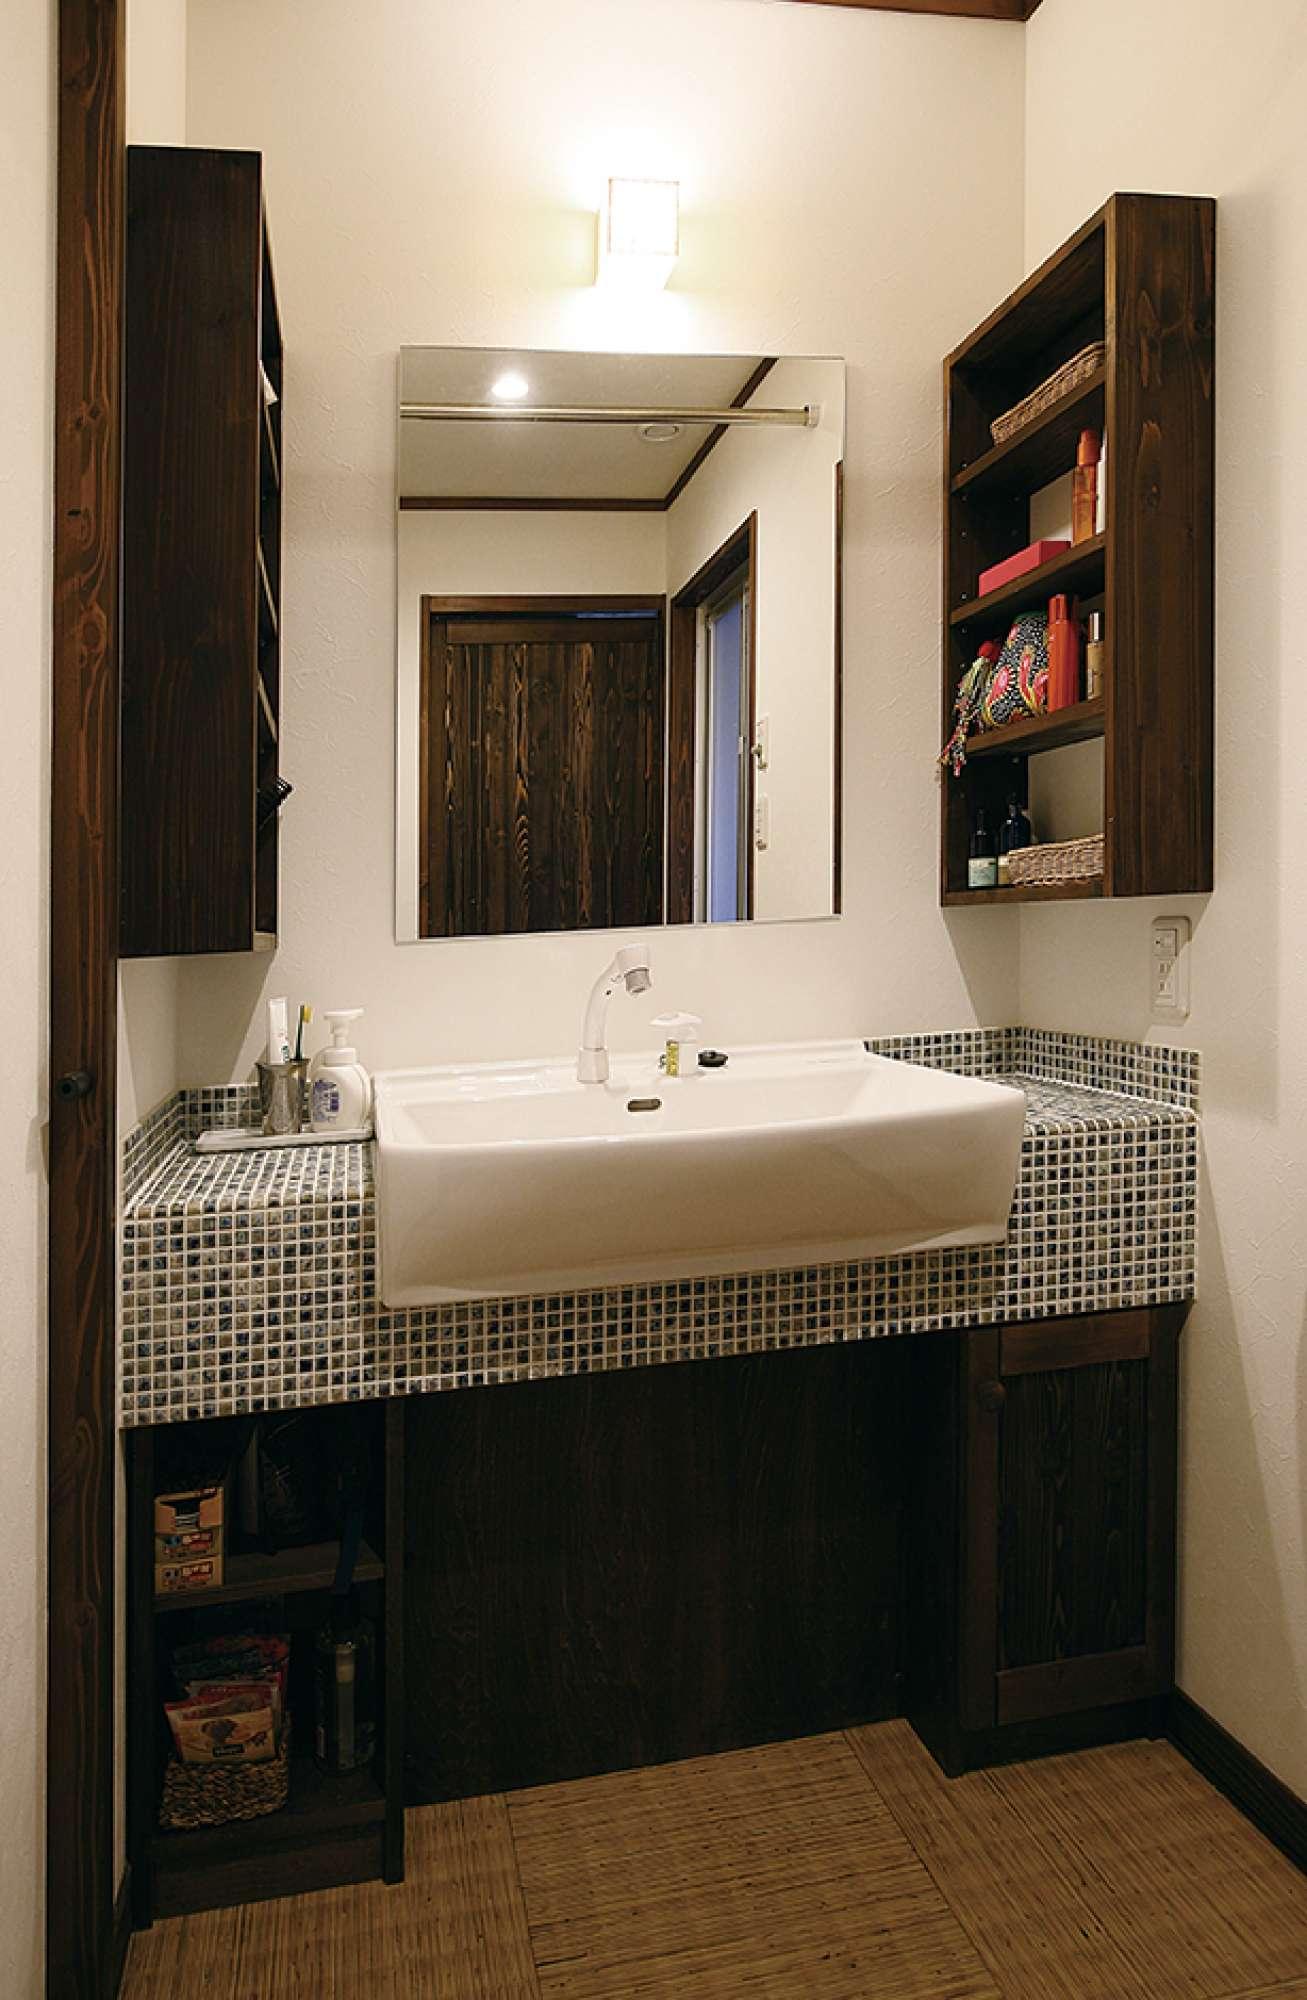 造作のオリジナル洗面化粧台。両サイドに収納棚も設置 -  -  -